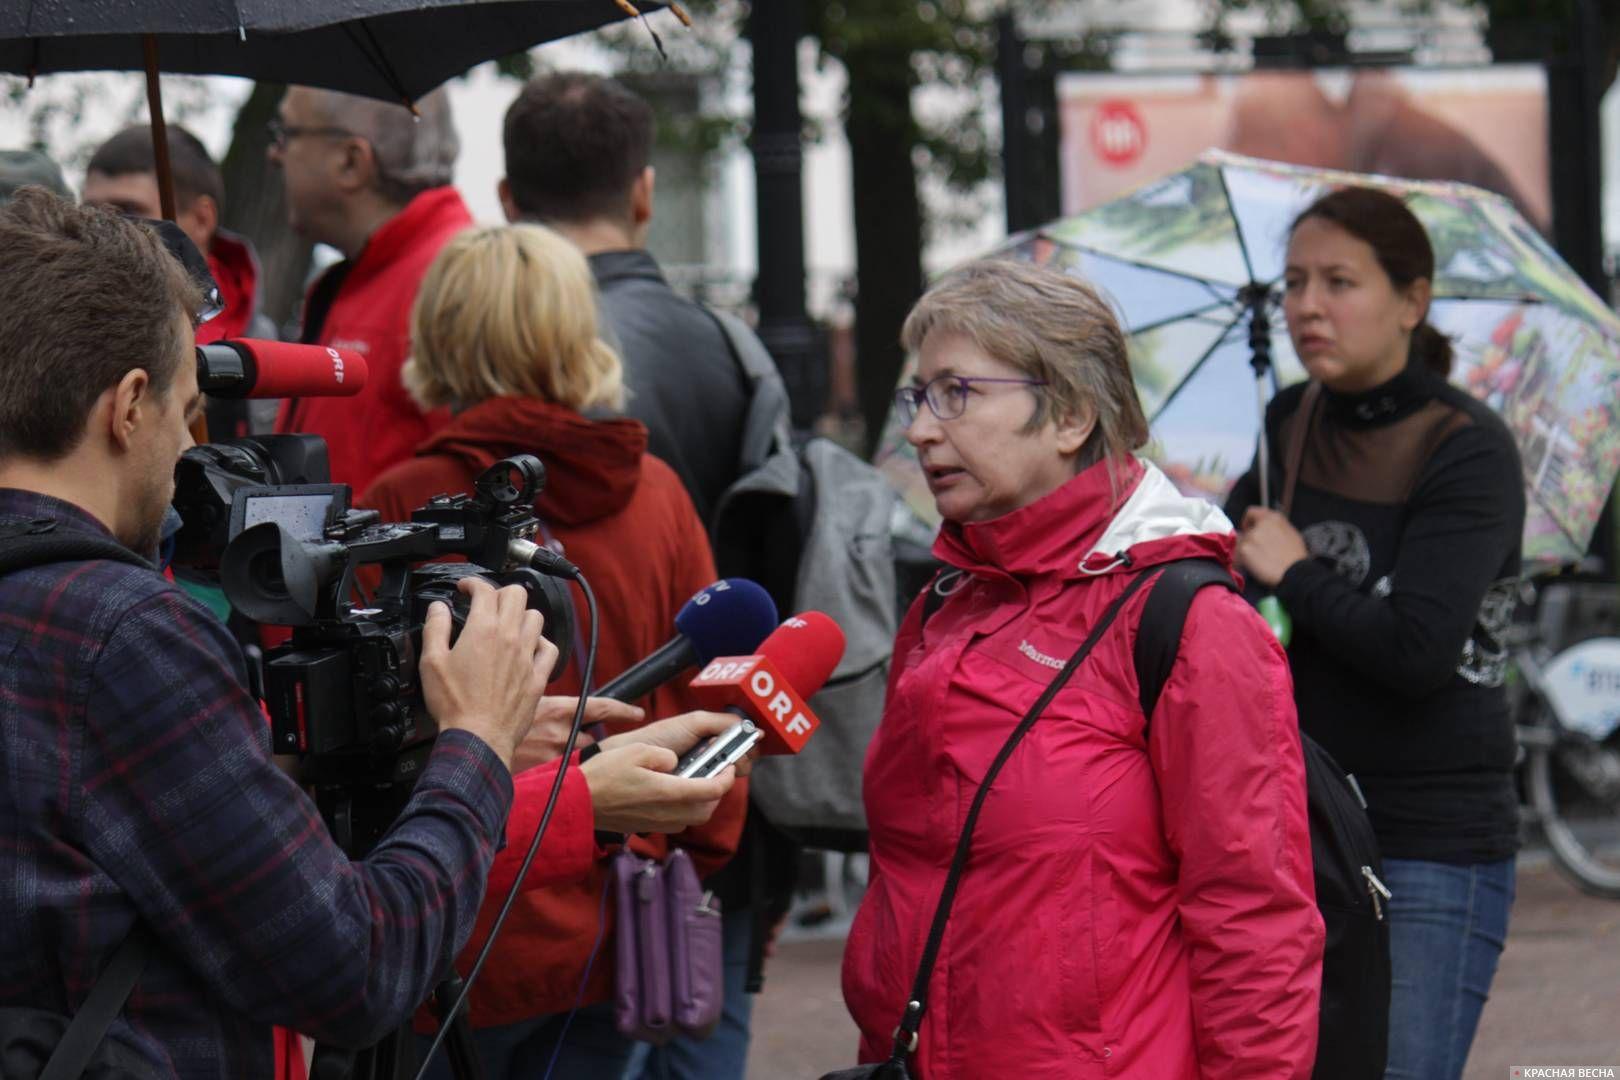 Австрийский телеканал ORF беседует с незарегистрированным кандидатом от «Яблока»